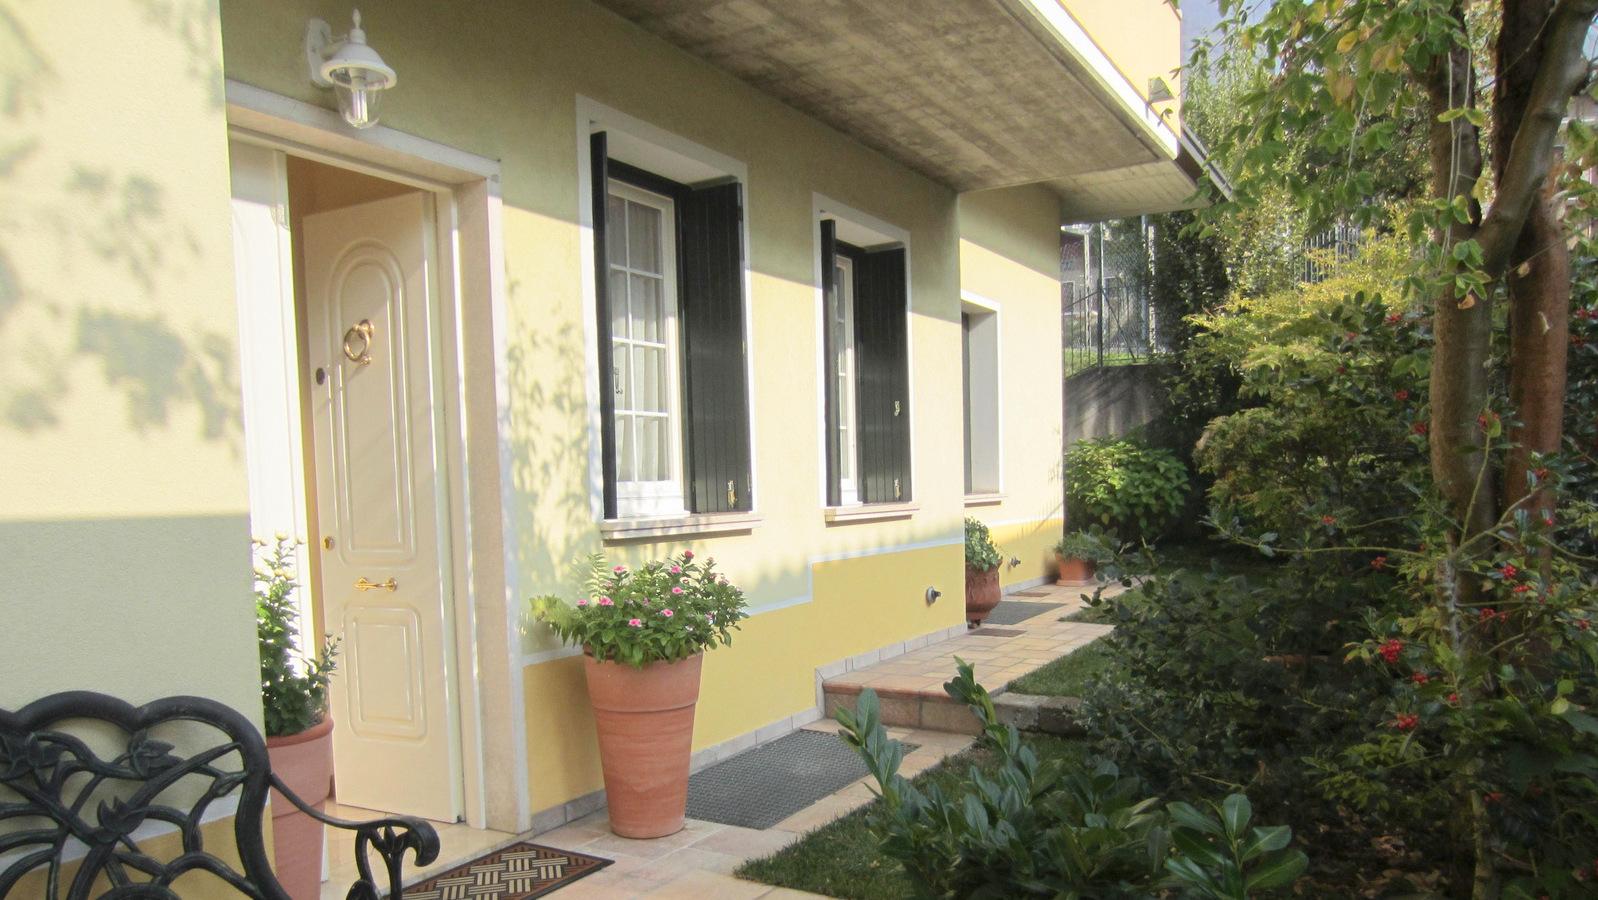 LUMEZZANE (BS) – Villetta bifamiliare con giardino